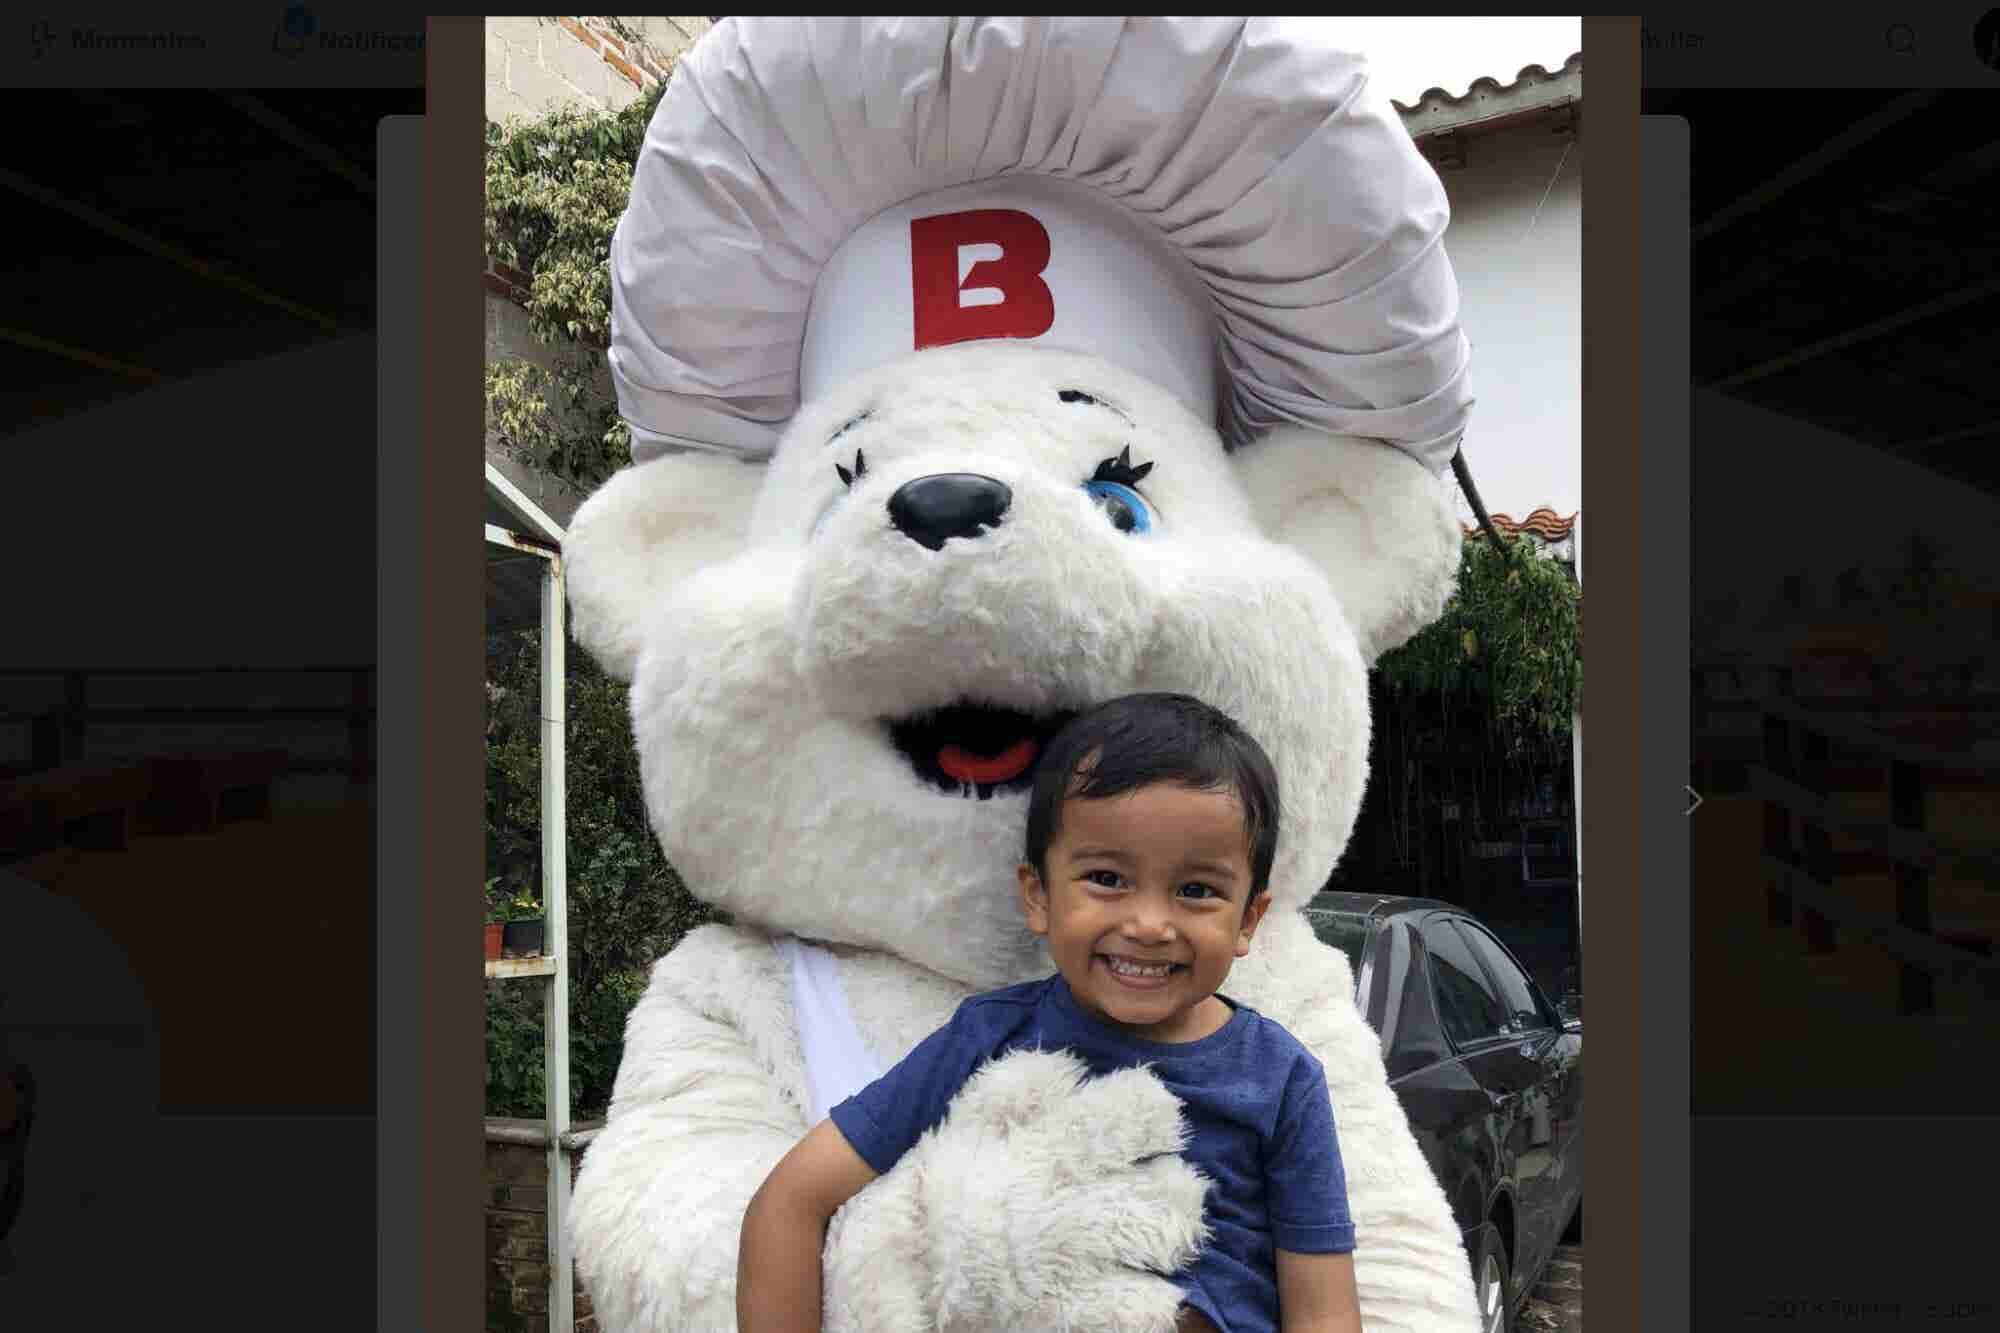 Osito Bimbo sorprendió al 'niño concha' con regalos